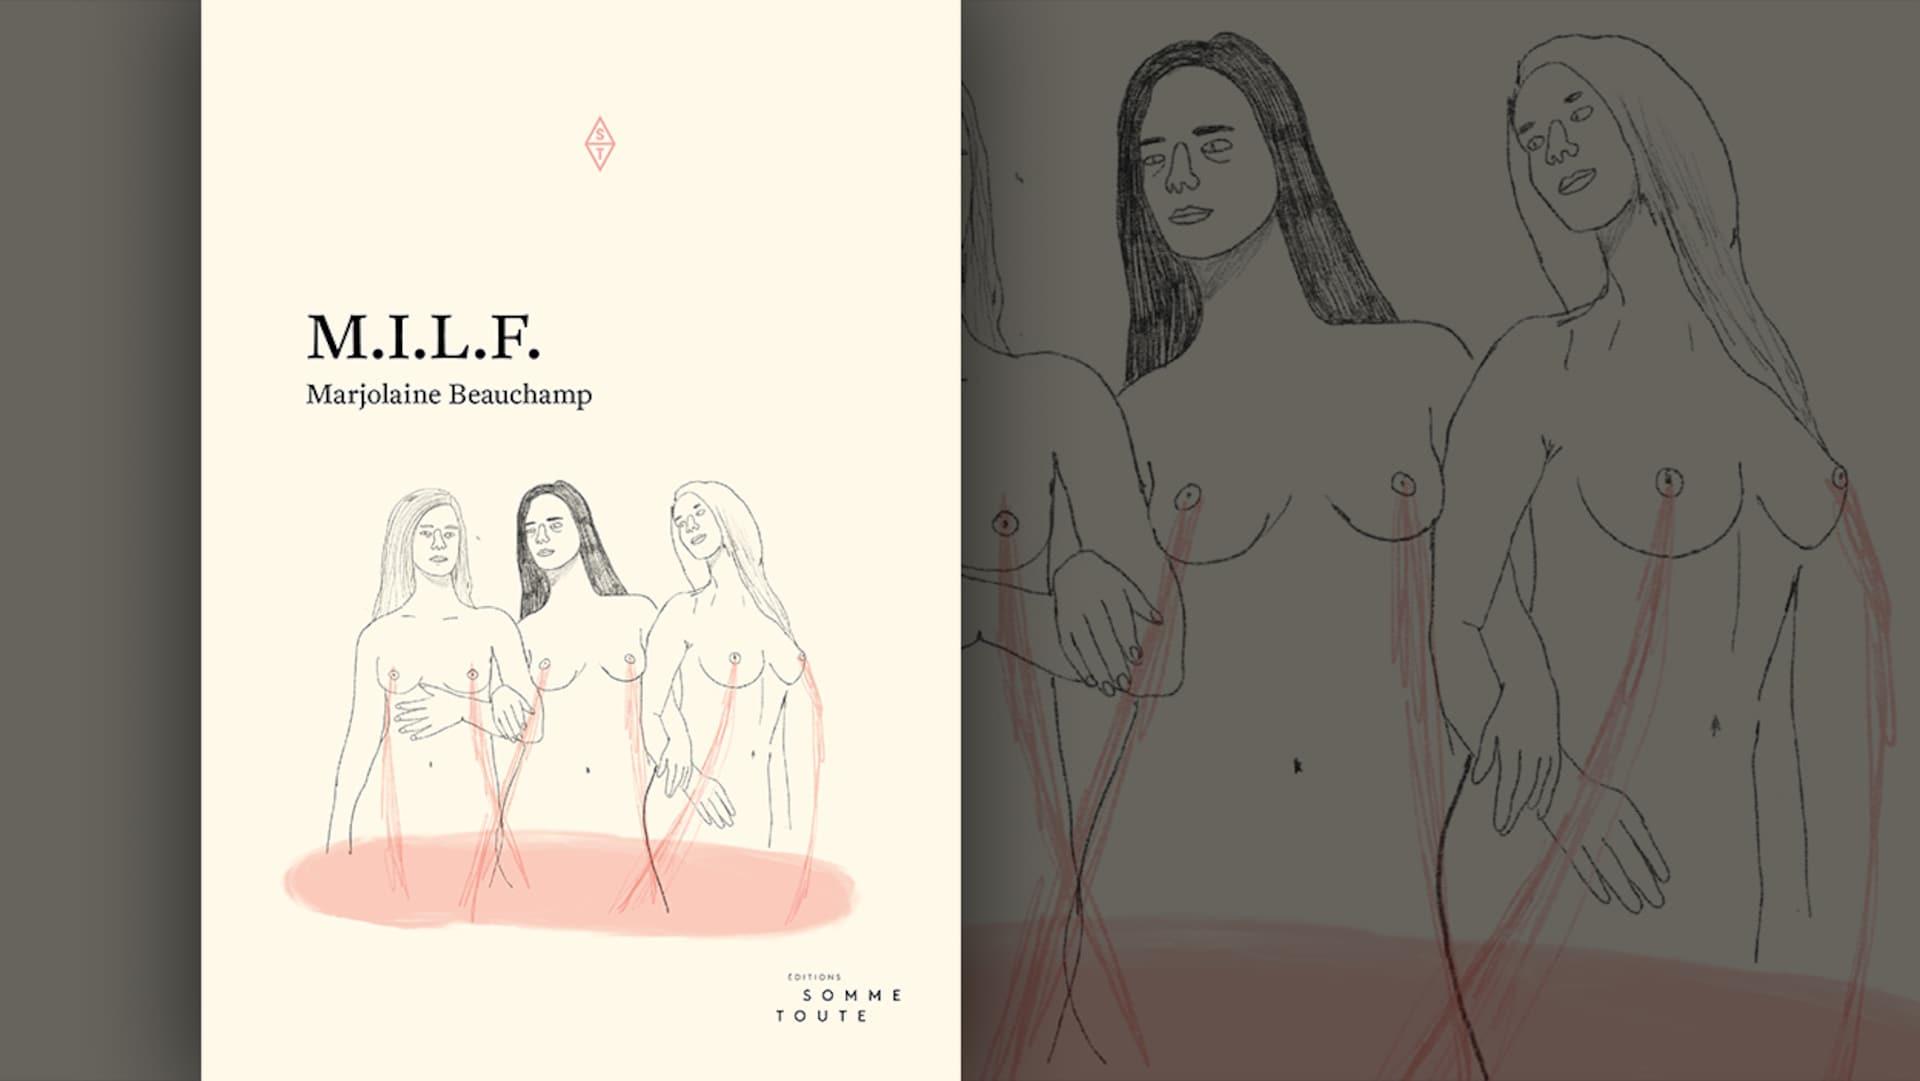 La couverture du livre  M.I.L.F. , de Marjolaine Beauchamp : illustration représentant trois femmes nues aux cheveux longs se tenant par les bras avec du sang s'écoulant de leurs seins.